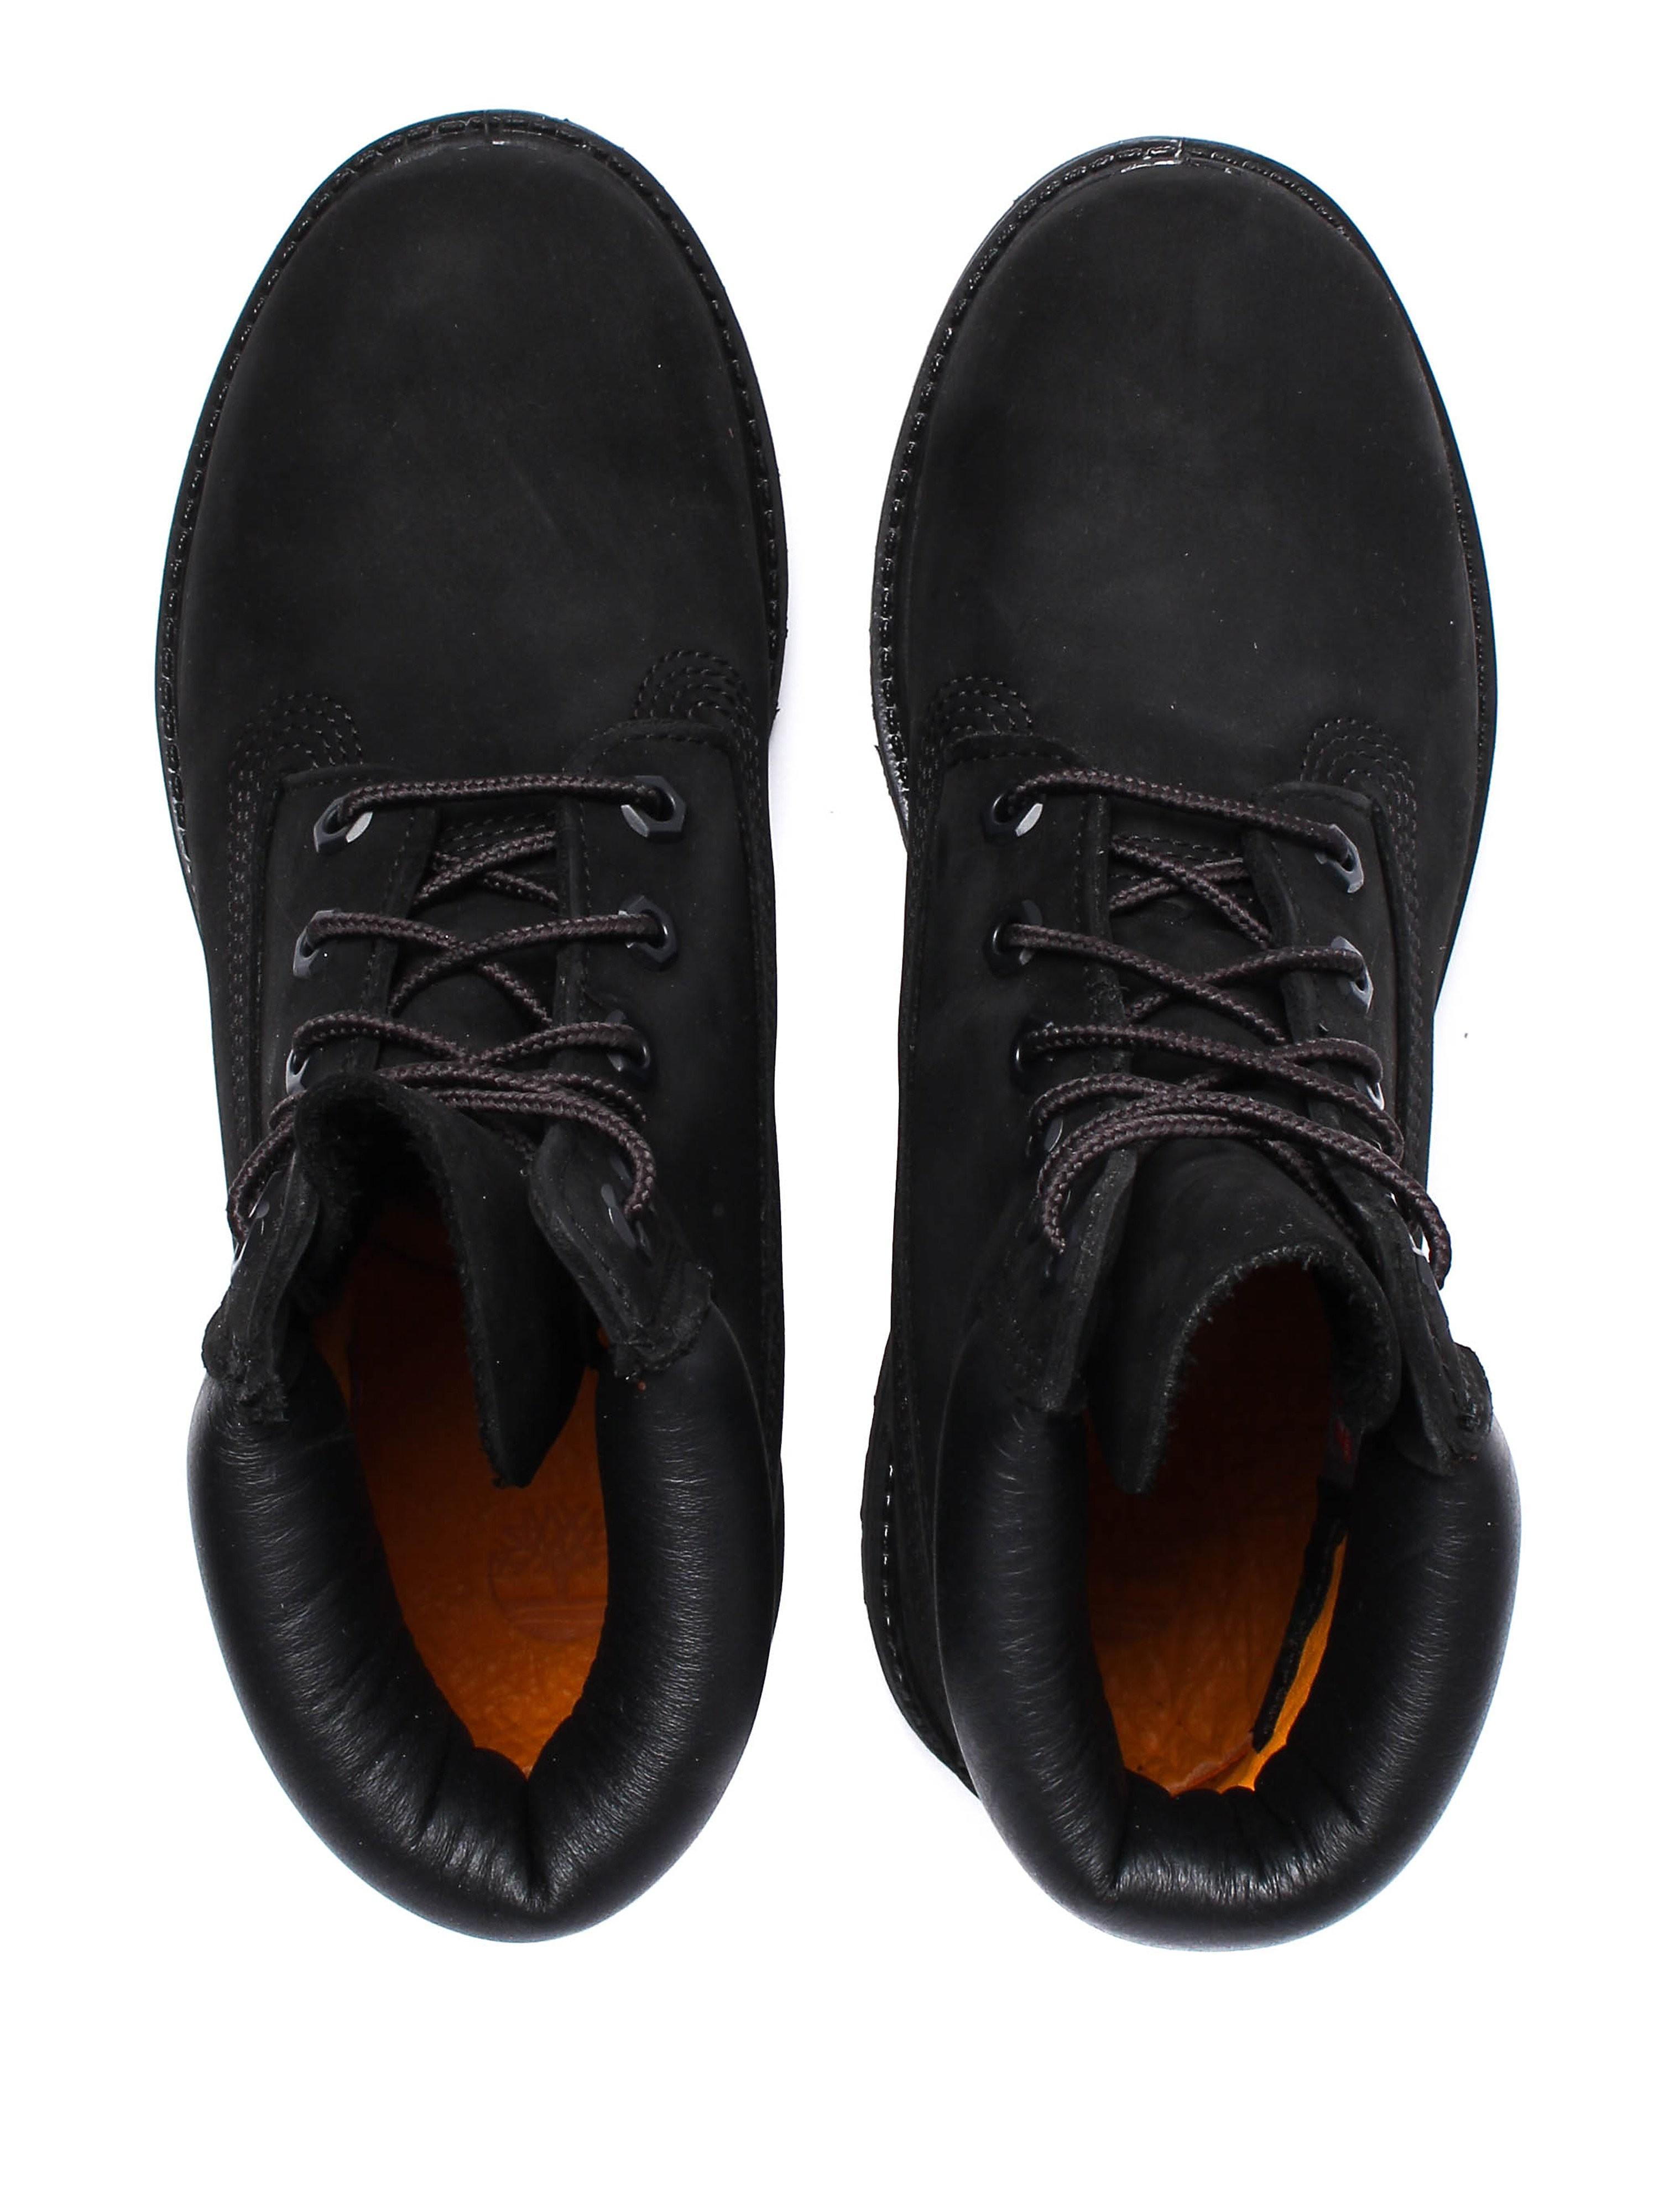 Timberland Womens 6 Inch Premium - Black Nubuck